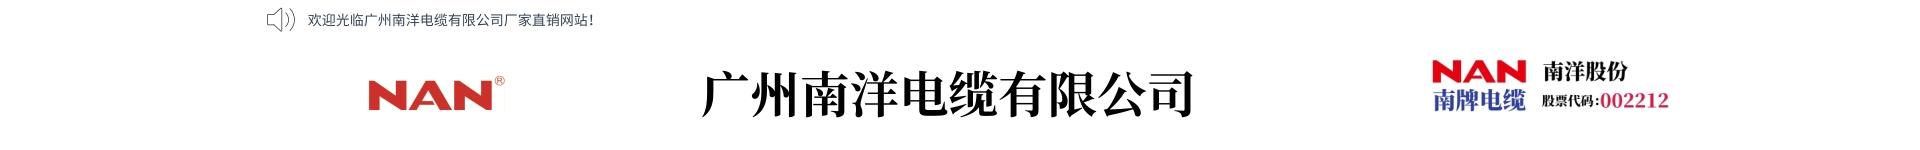 广州新利体育网页版电缆有限公司